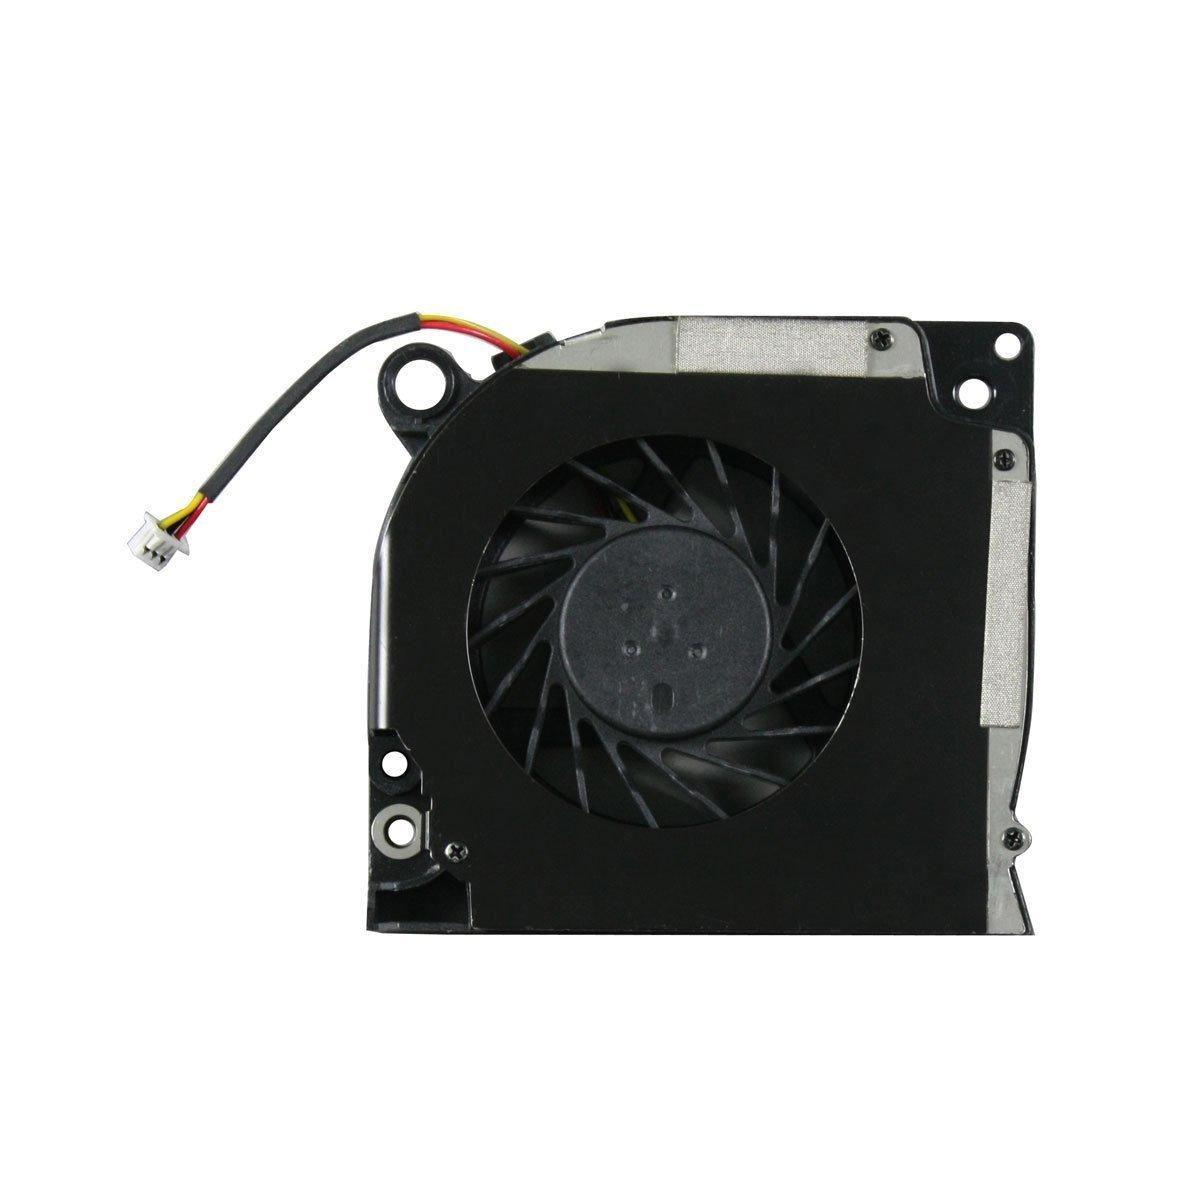 Nuevo portátil CPU ventilador de refrigeración para Dell Latitude D620, D630, D630 C, D631, Inspiron 1525 1526 1545 1546 C169 M, dc28 a000 m0l, udqfzzr03ccm ...